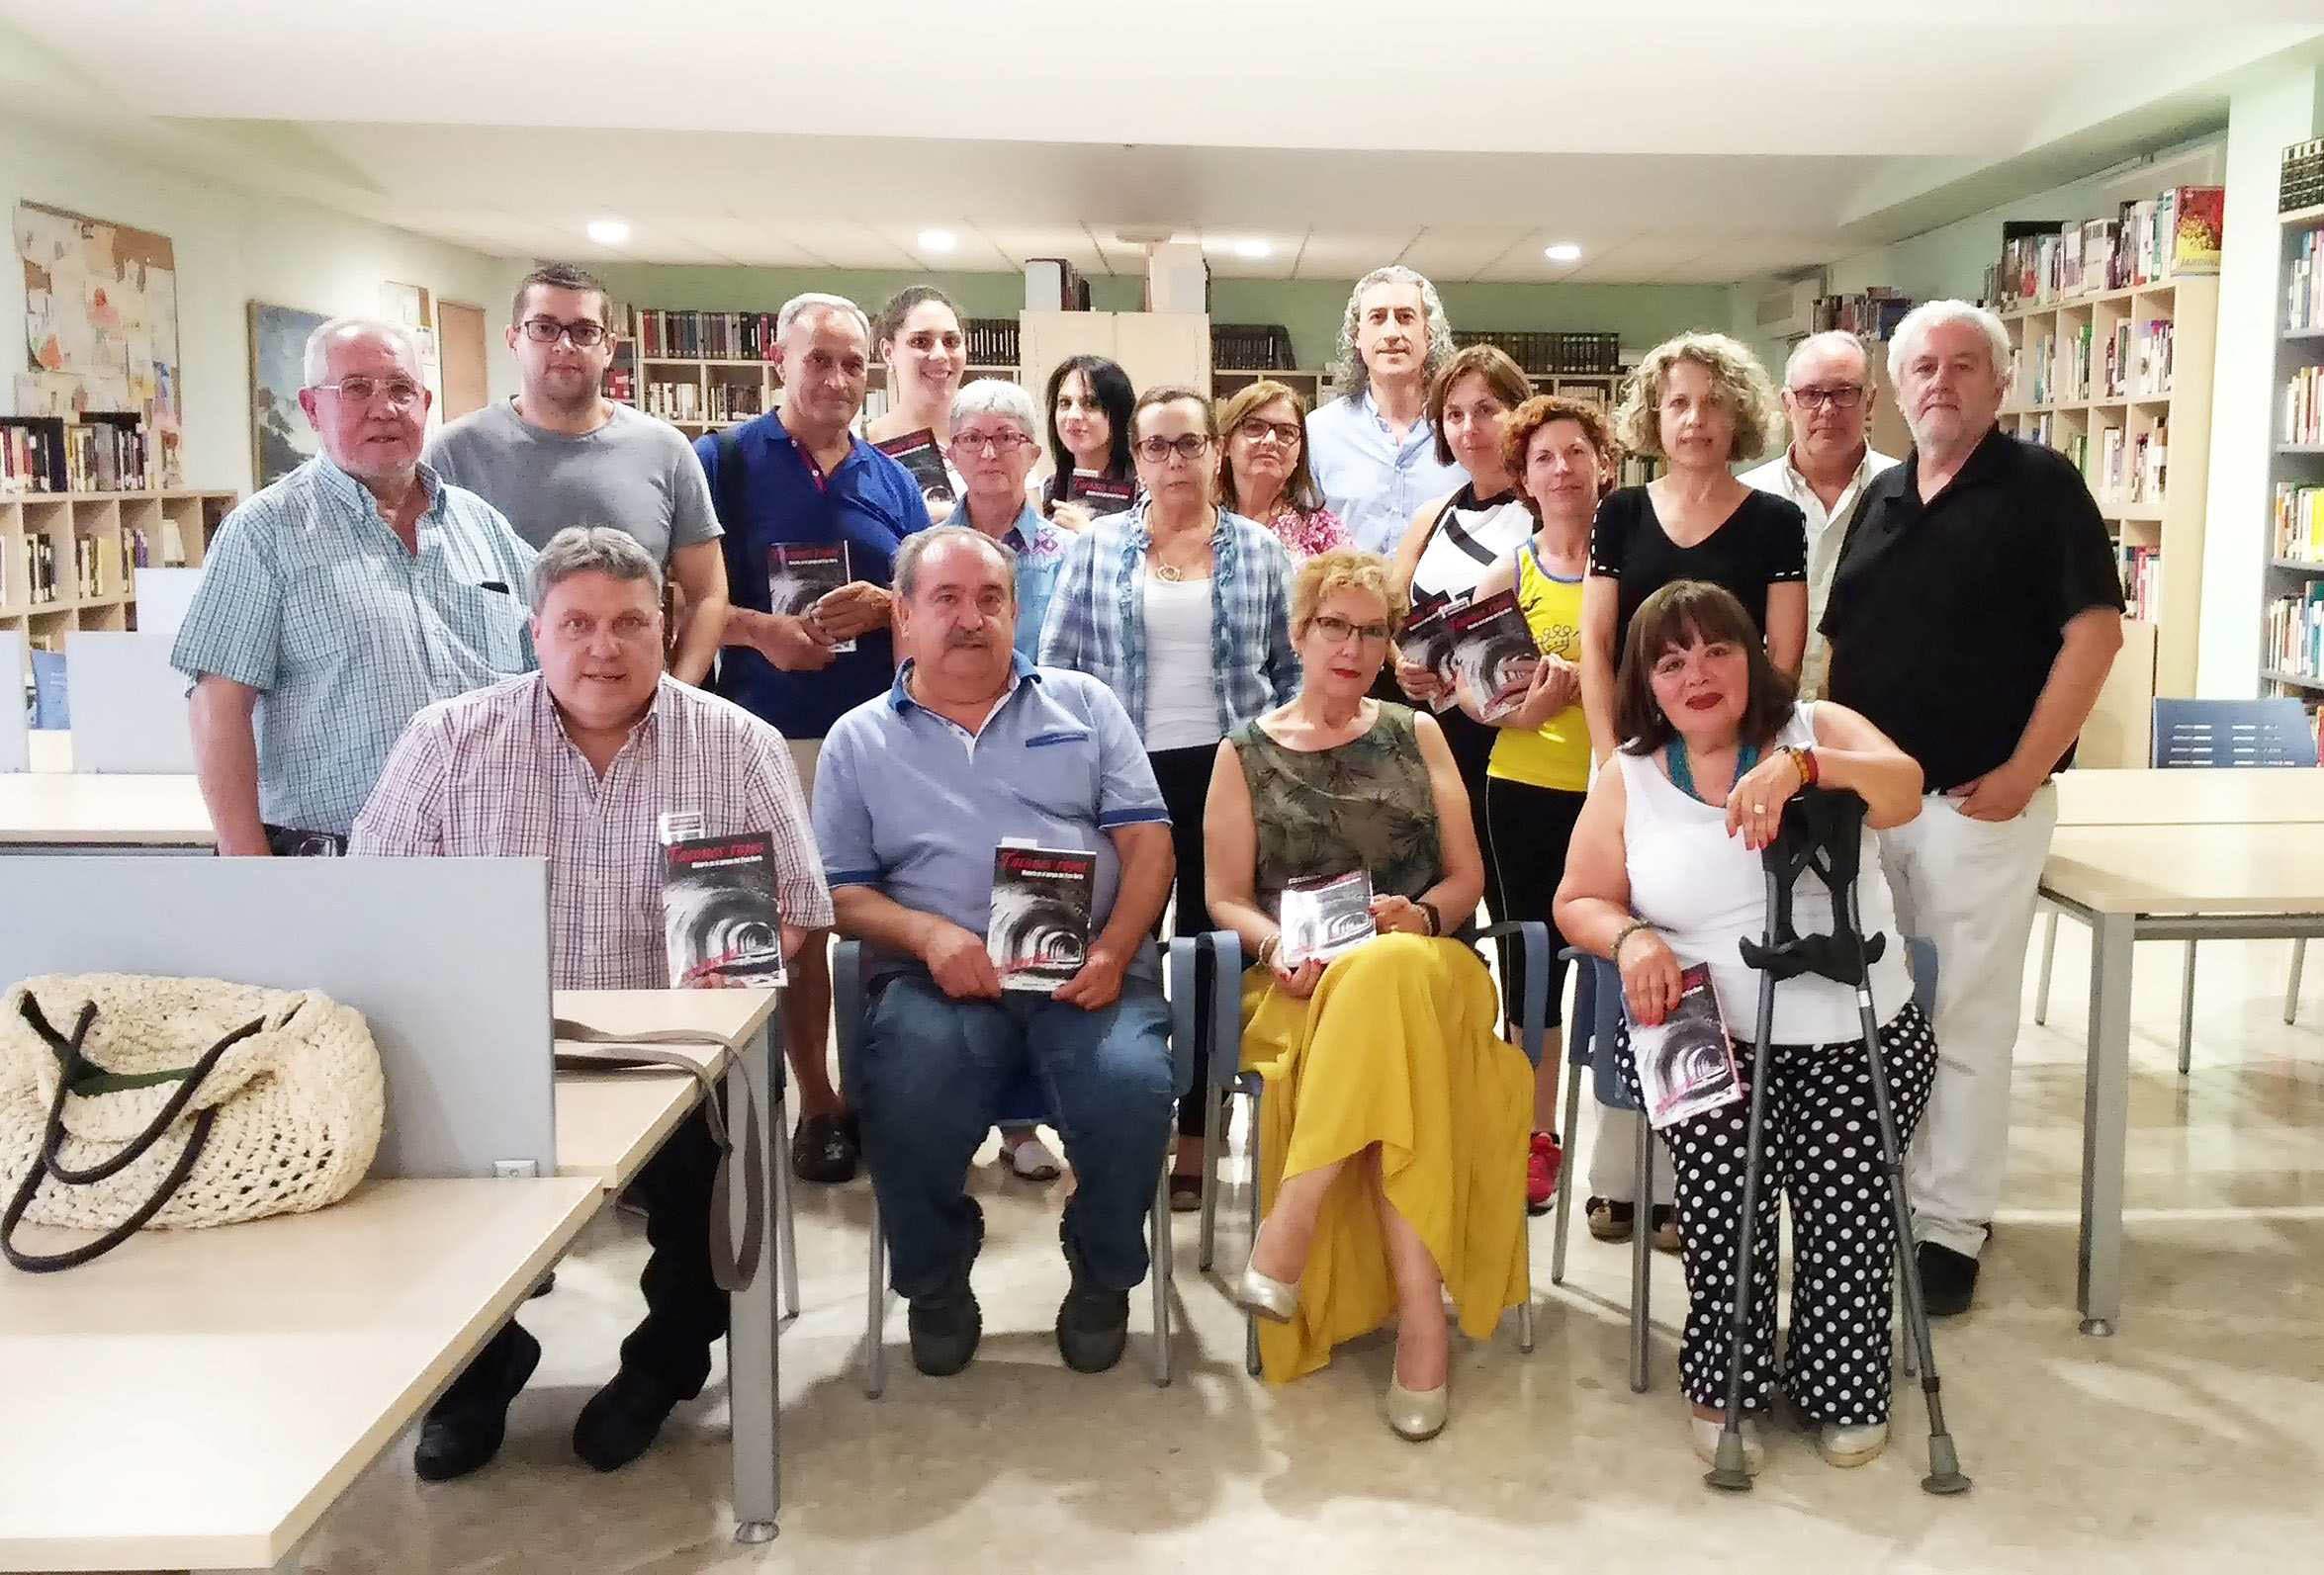 El Club de Lectura 'Cueva de Medrano' de Argamasilla de Calatrava, el Ayuntamiento rabanero y el Grupo Oretania se unen para rendir homenaje al poeta Manuel Muñoz Moreno